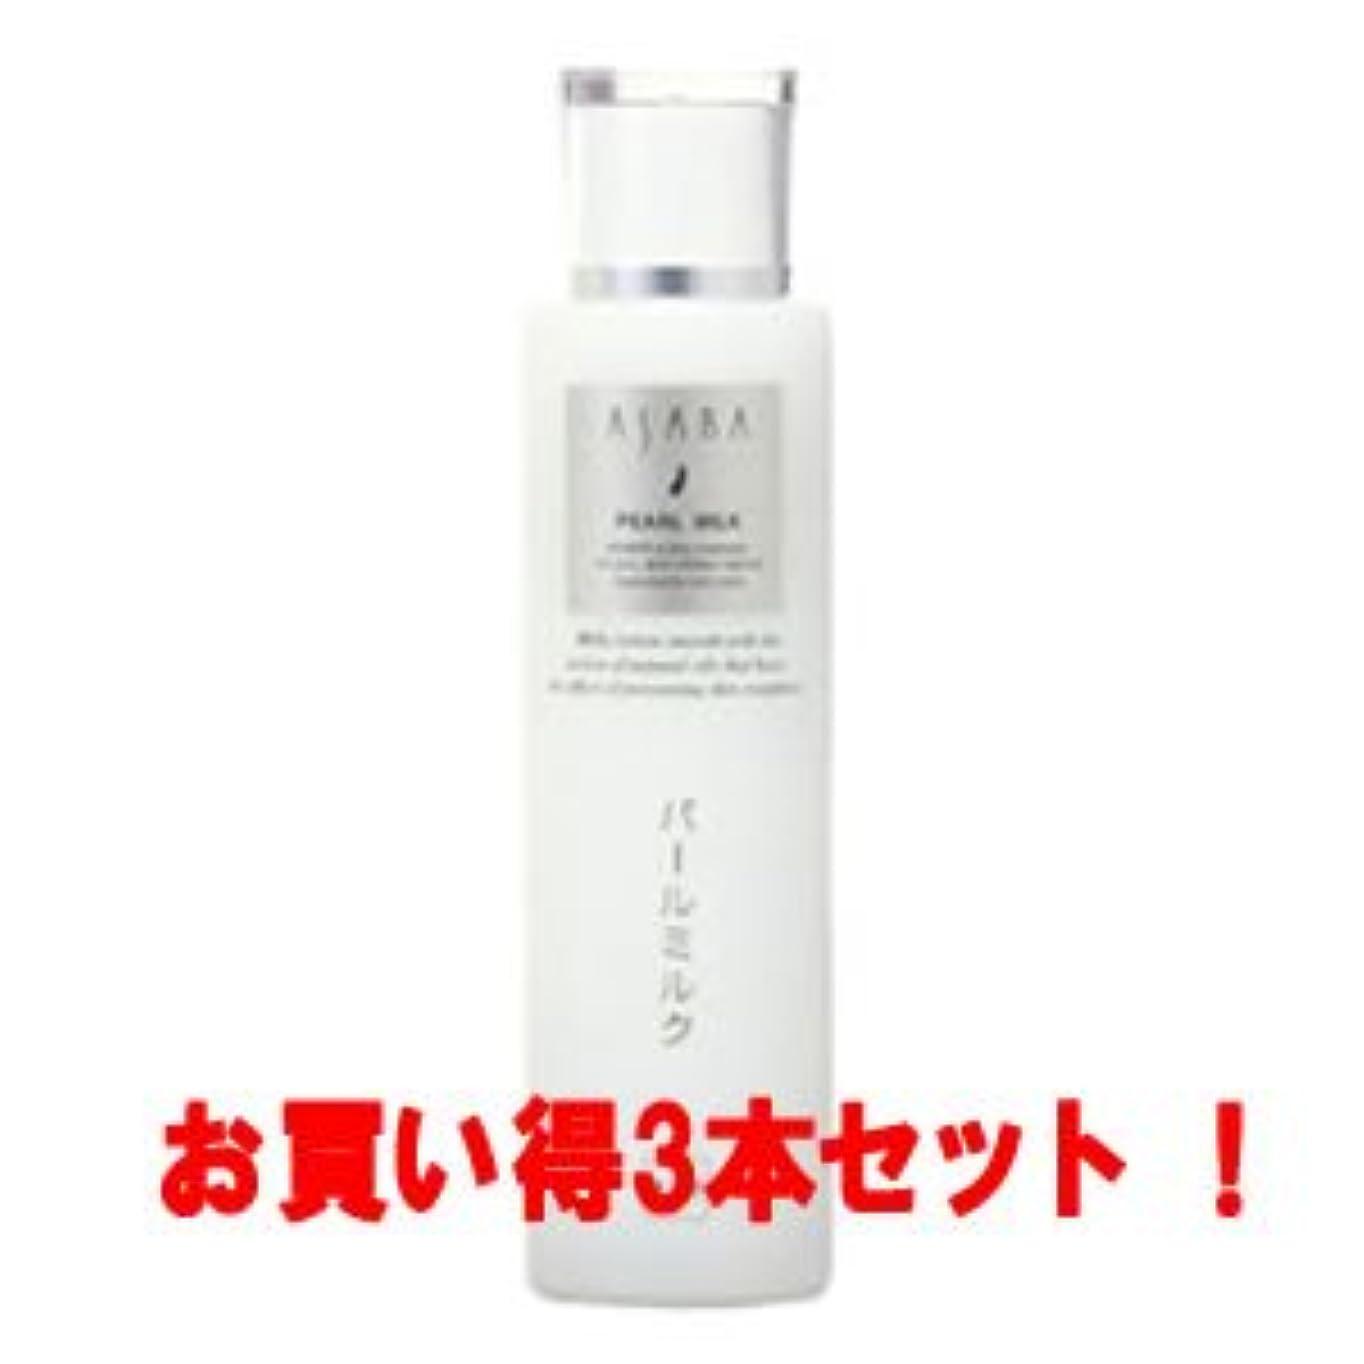 ウェブコーチ航海(アサバ化粧品)アサバ パールミルク100ml(お買い得3本セット)